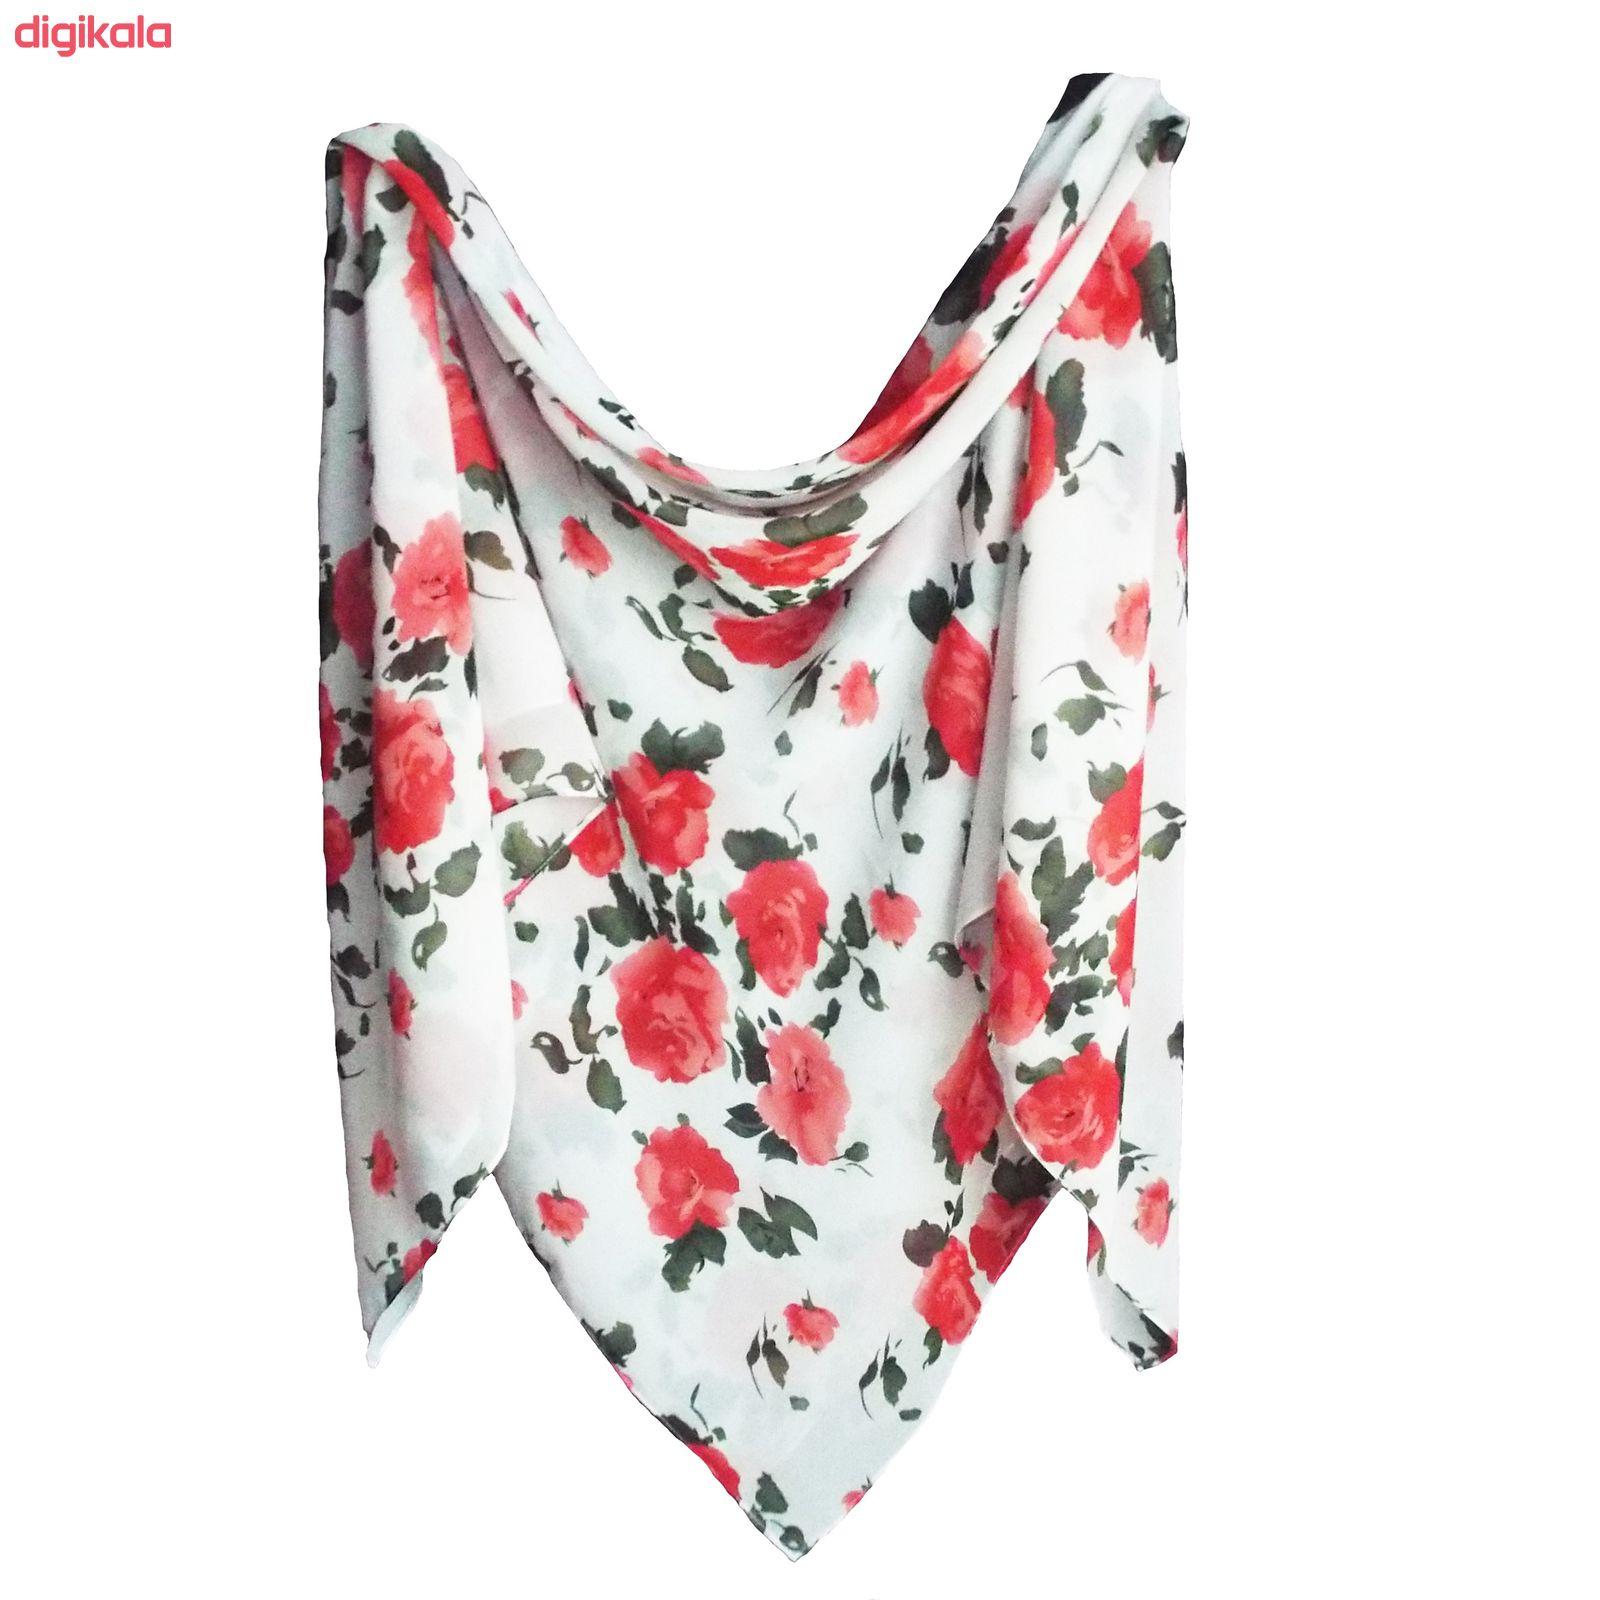 روسری زنانه تبسم کد 1011101 main 1 5